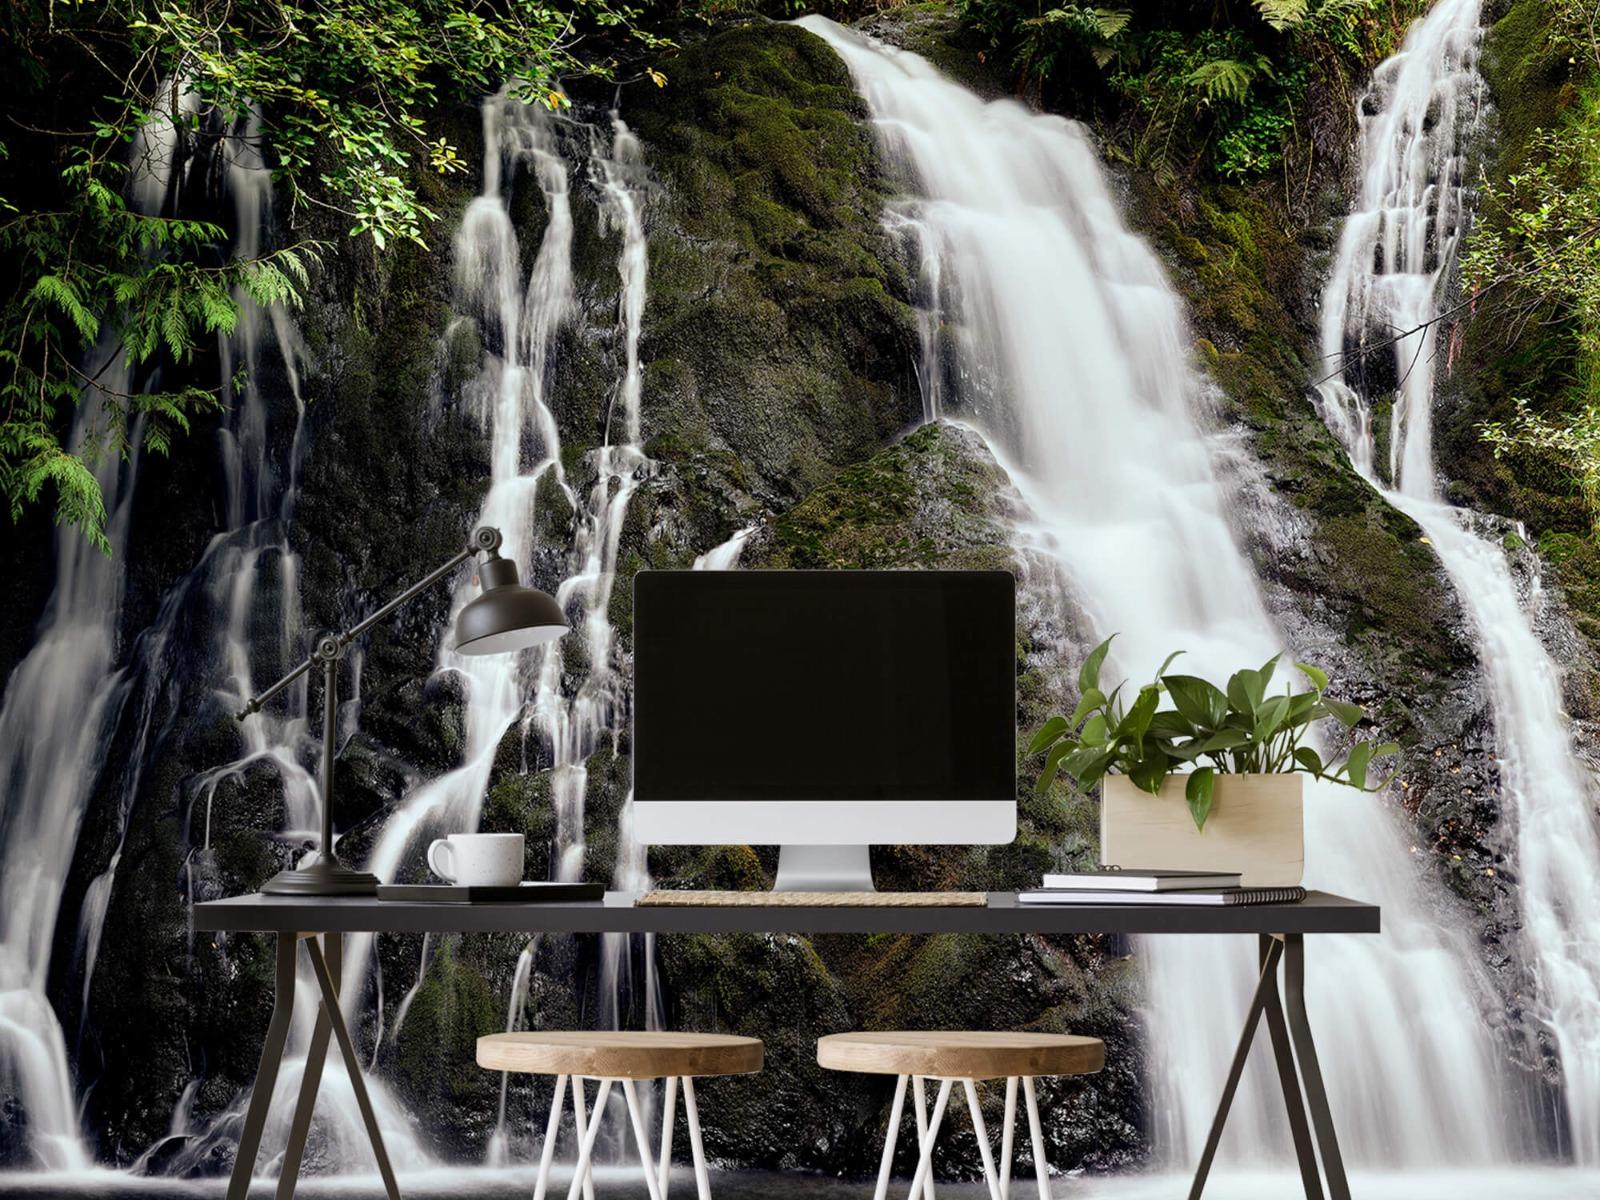 Watervallen - Waterval met 4 stromen - Wallexclusive - Slaapkamer 8